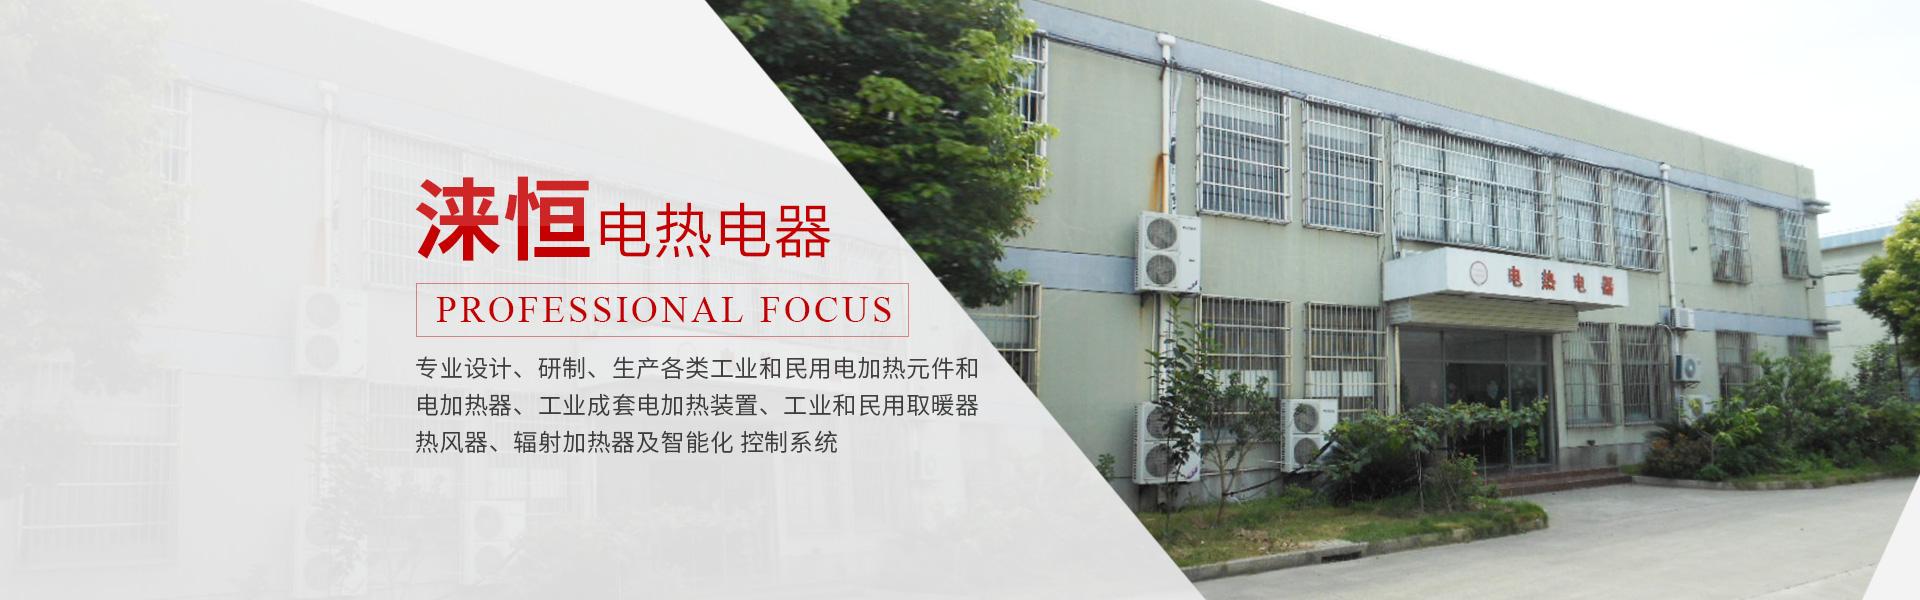 上海涞恒电热电器有限公司